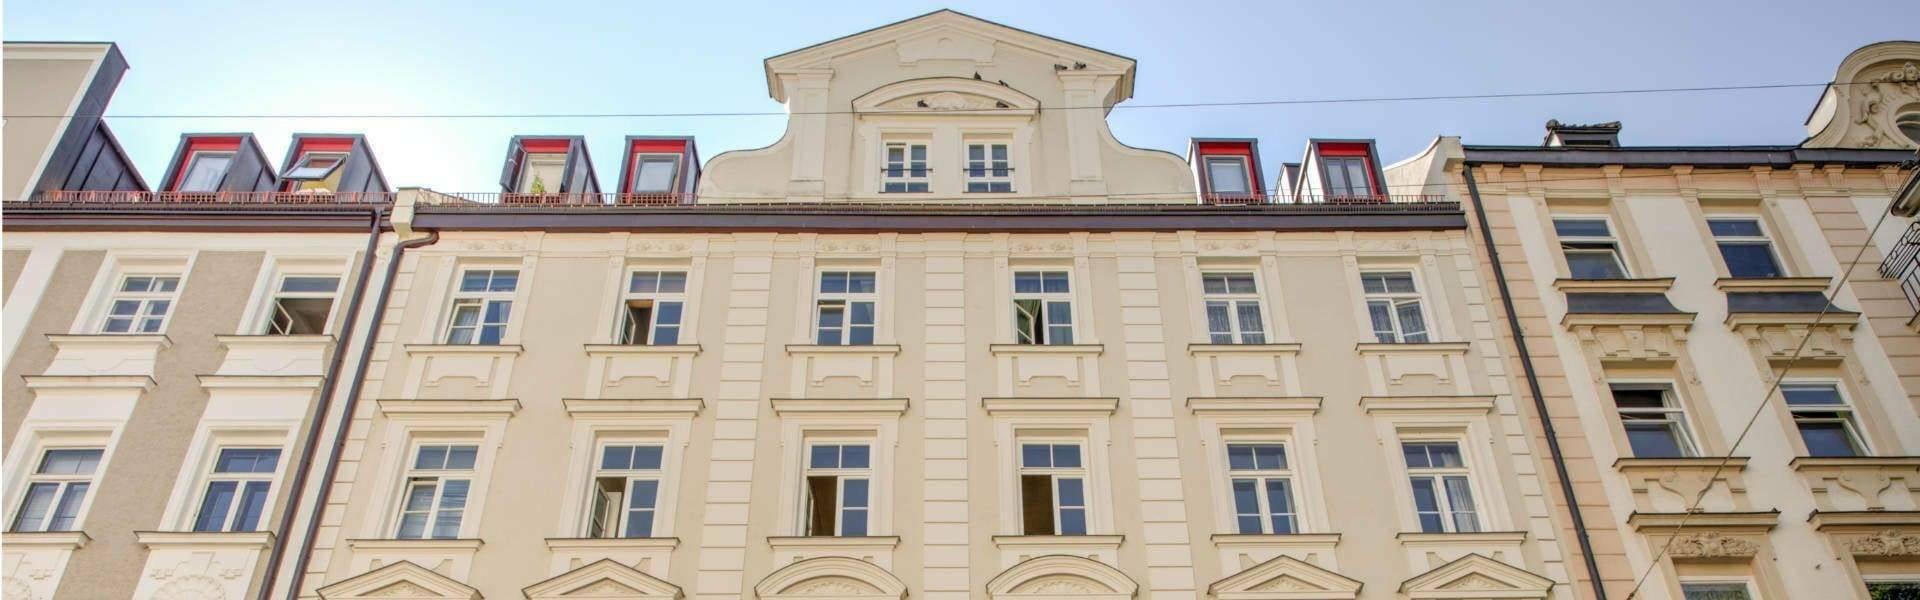 Immobilienratgeber für Vermieter